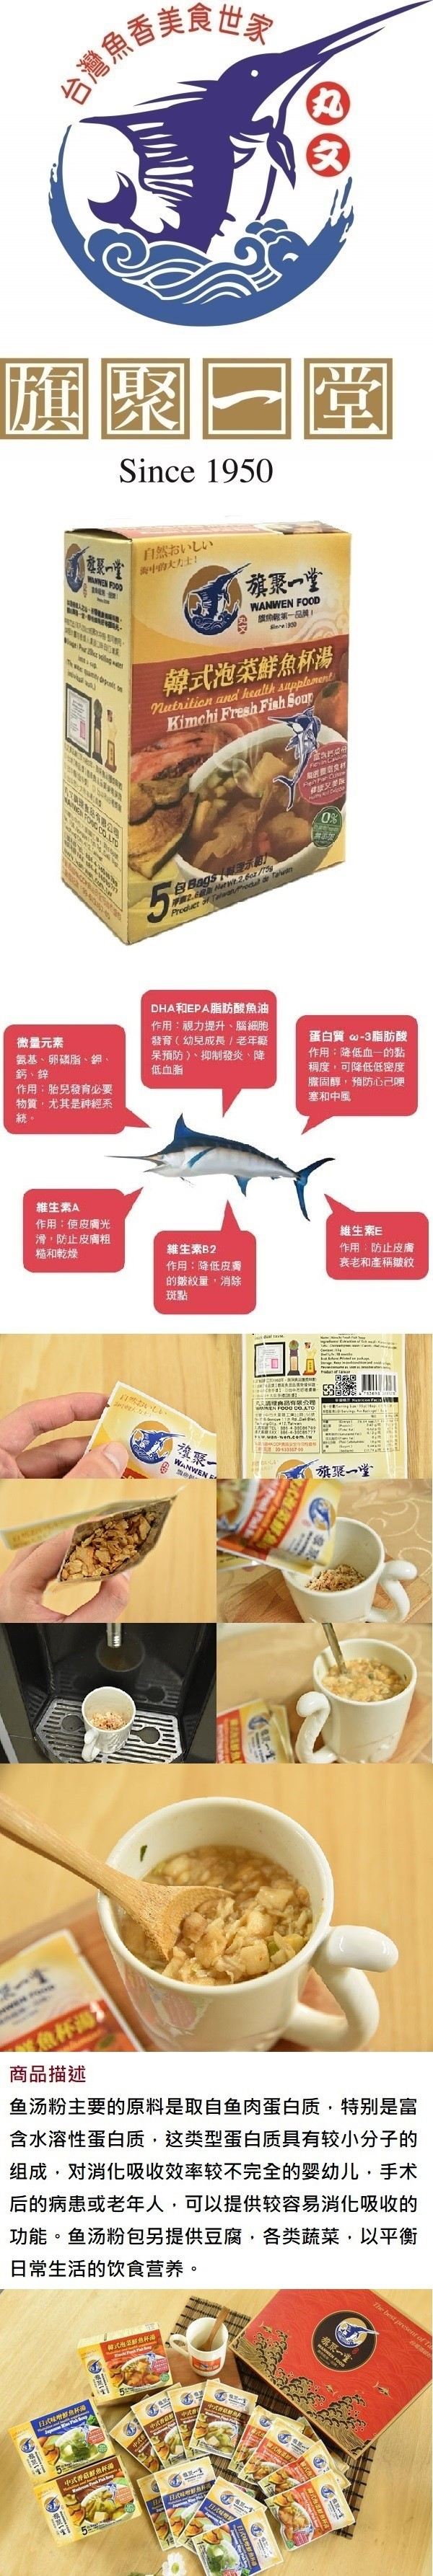 [台湾直邮]     台湾丸文 旗聚一堂 鲜鱼杯汤 韩式泡菜 75g 5入